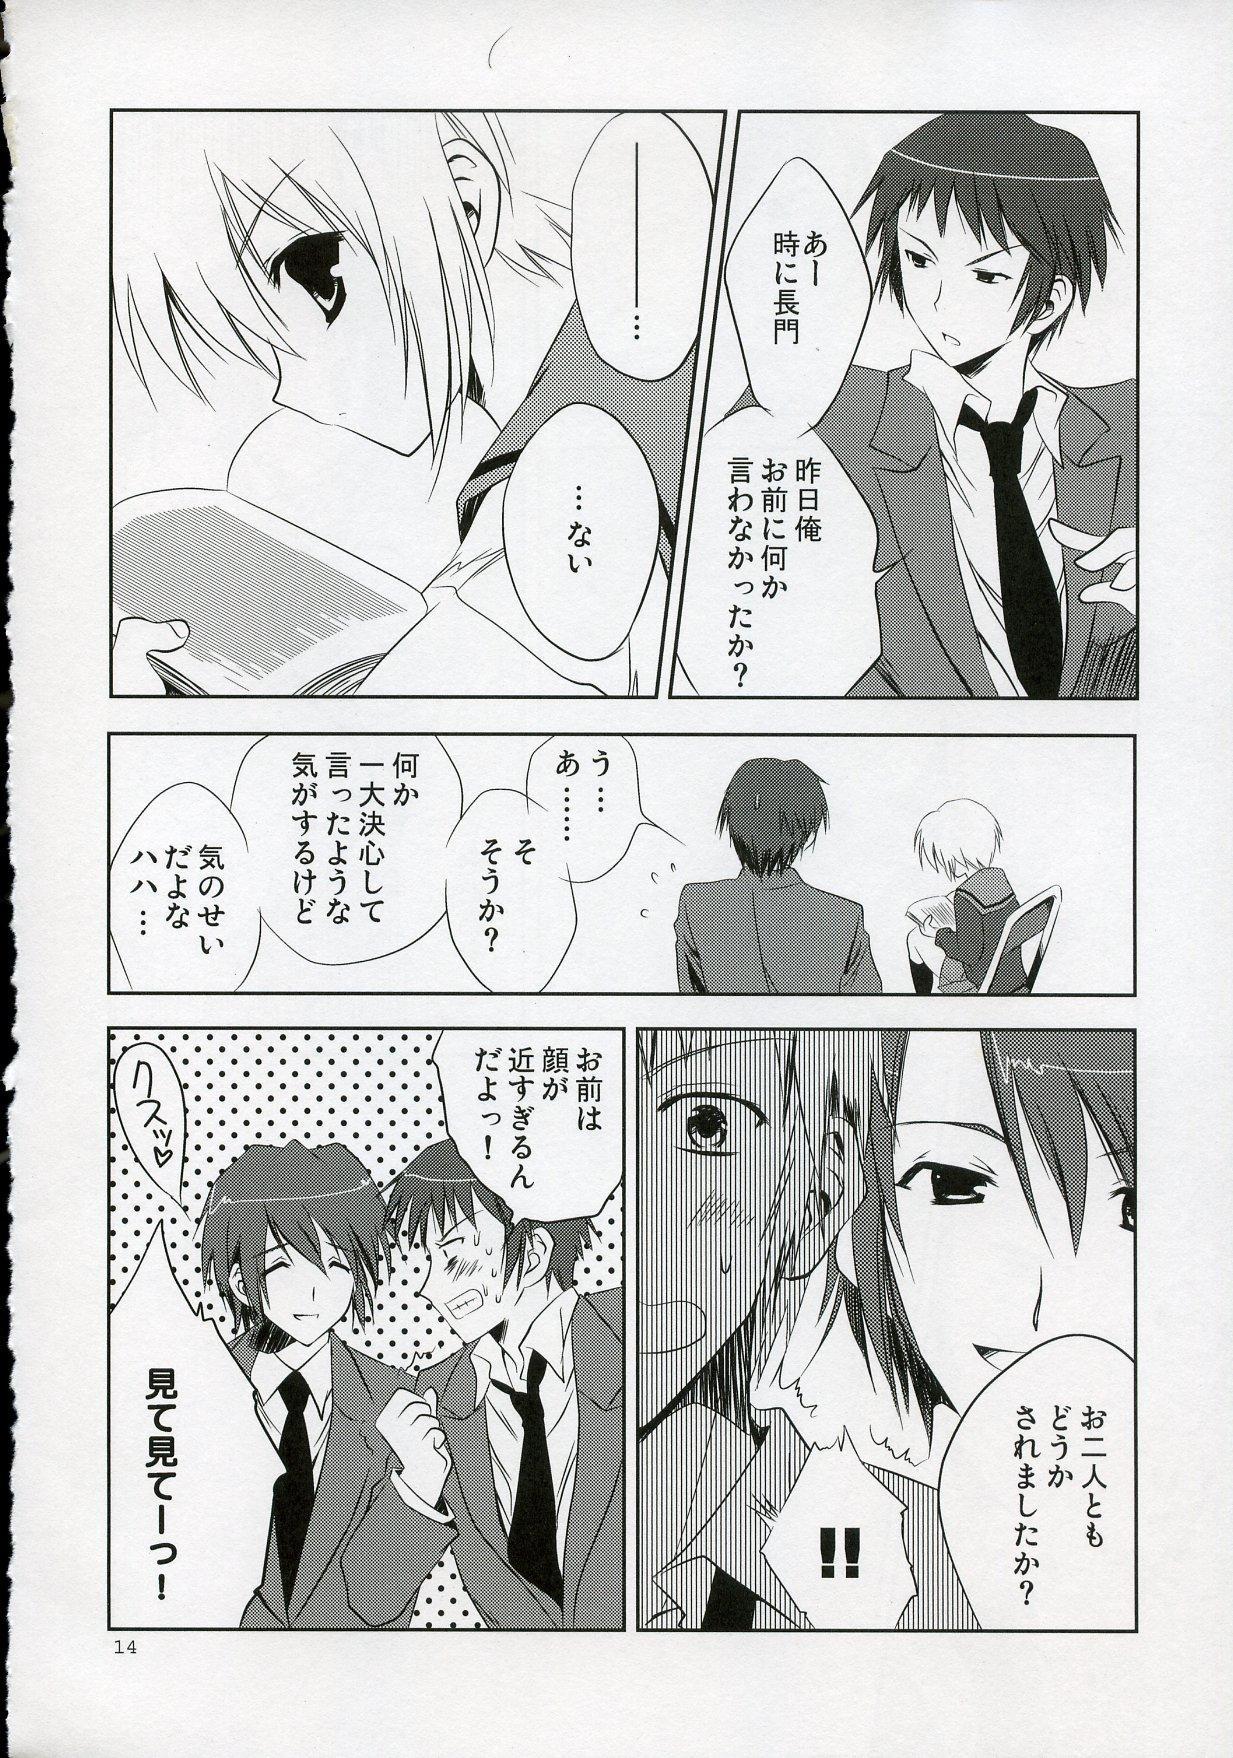 Nagato VS Kyon 12